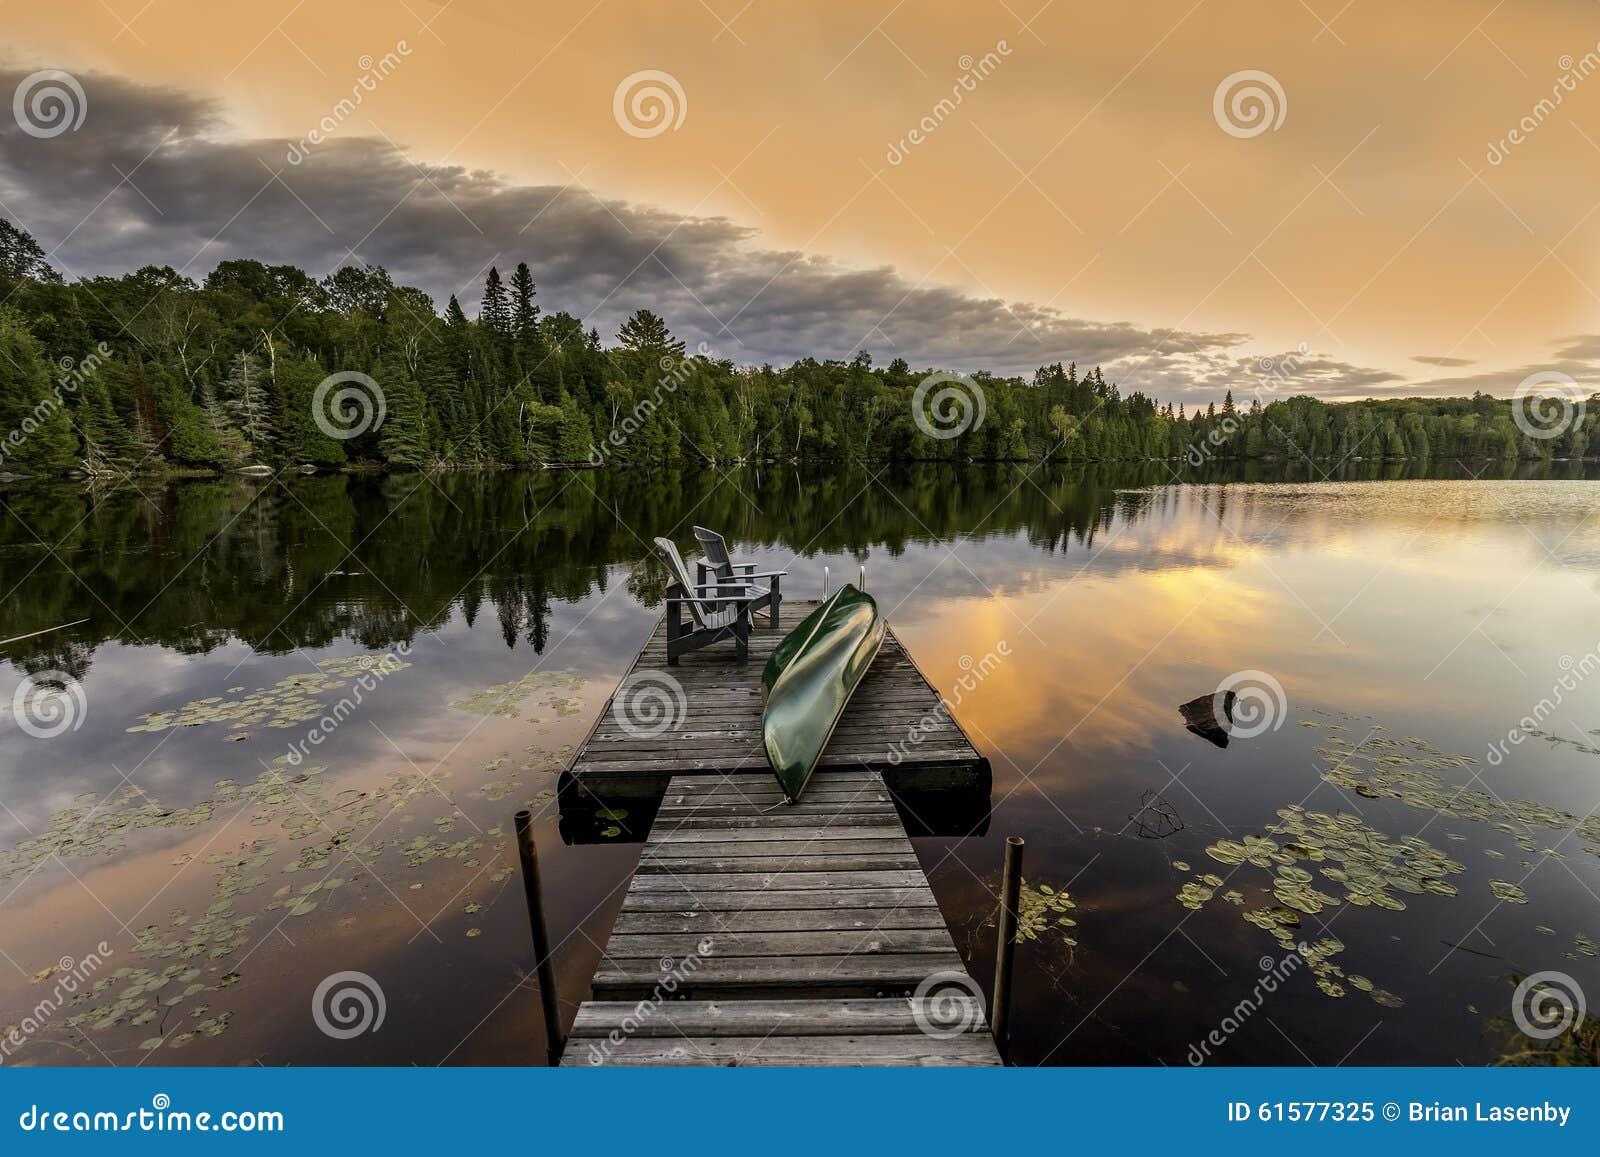 Canoa y sillas verdes en un muelle en la puesta del sol